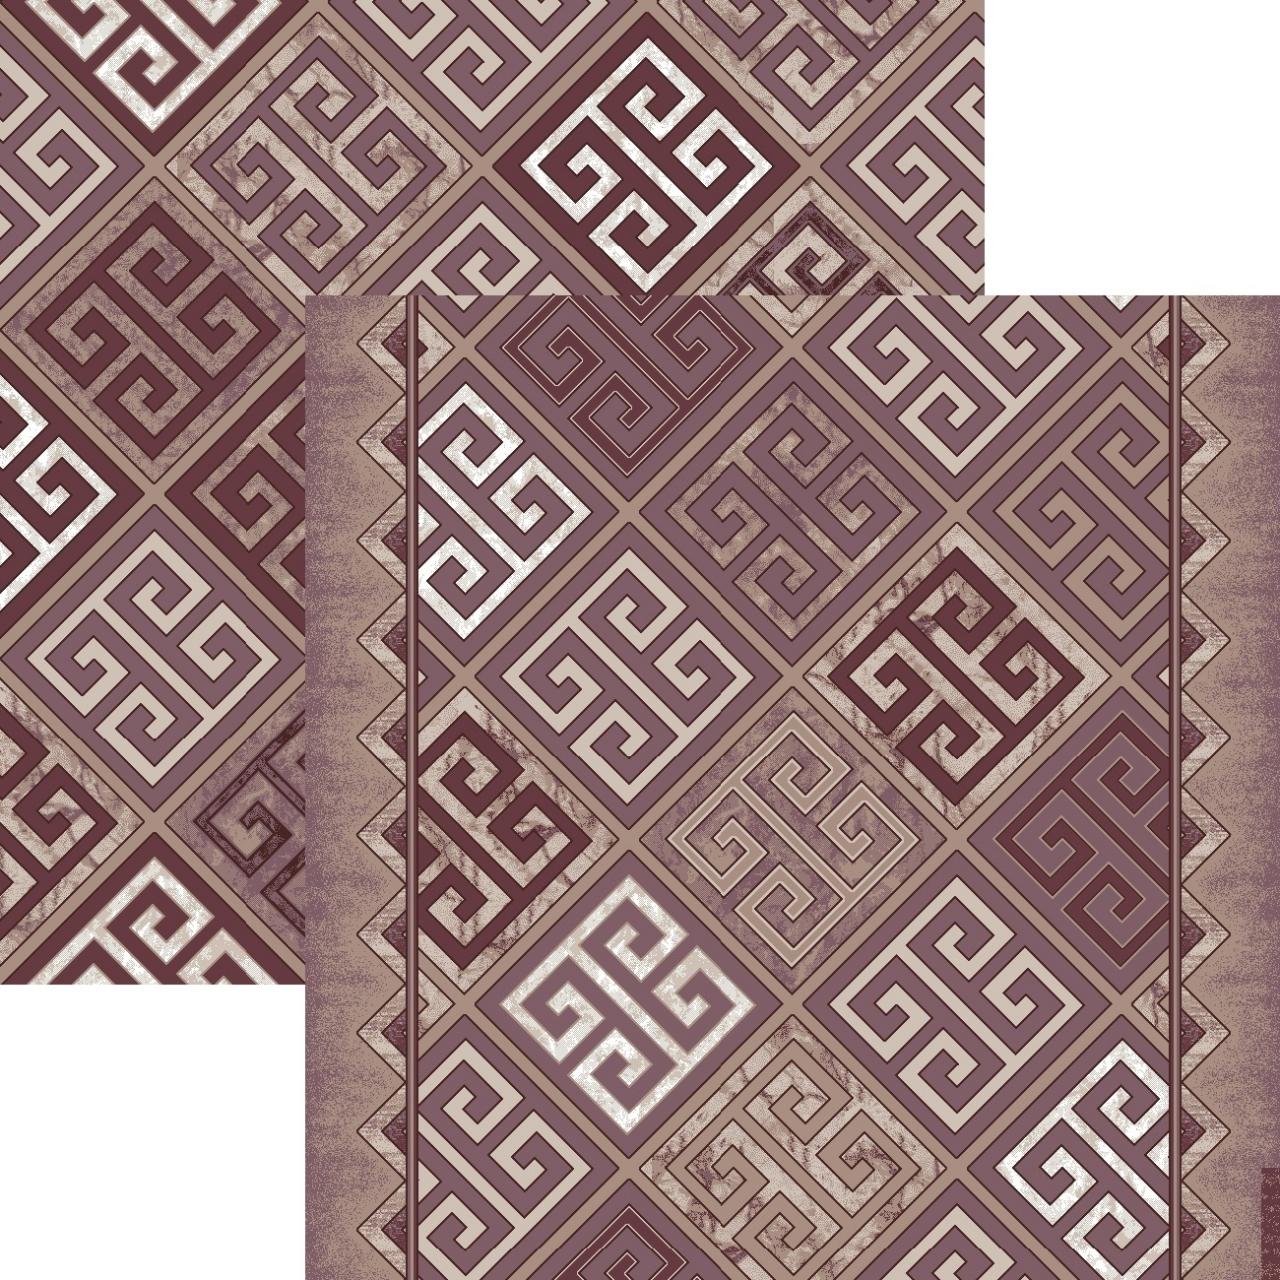 Ковровая дорожка p1698a6r - 93 - коллекция принт 8-ми цветная дорожка